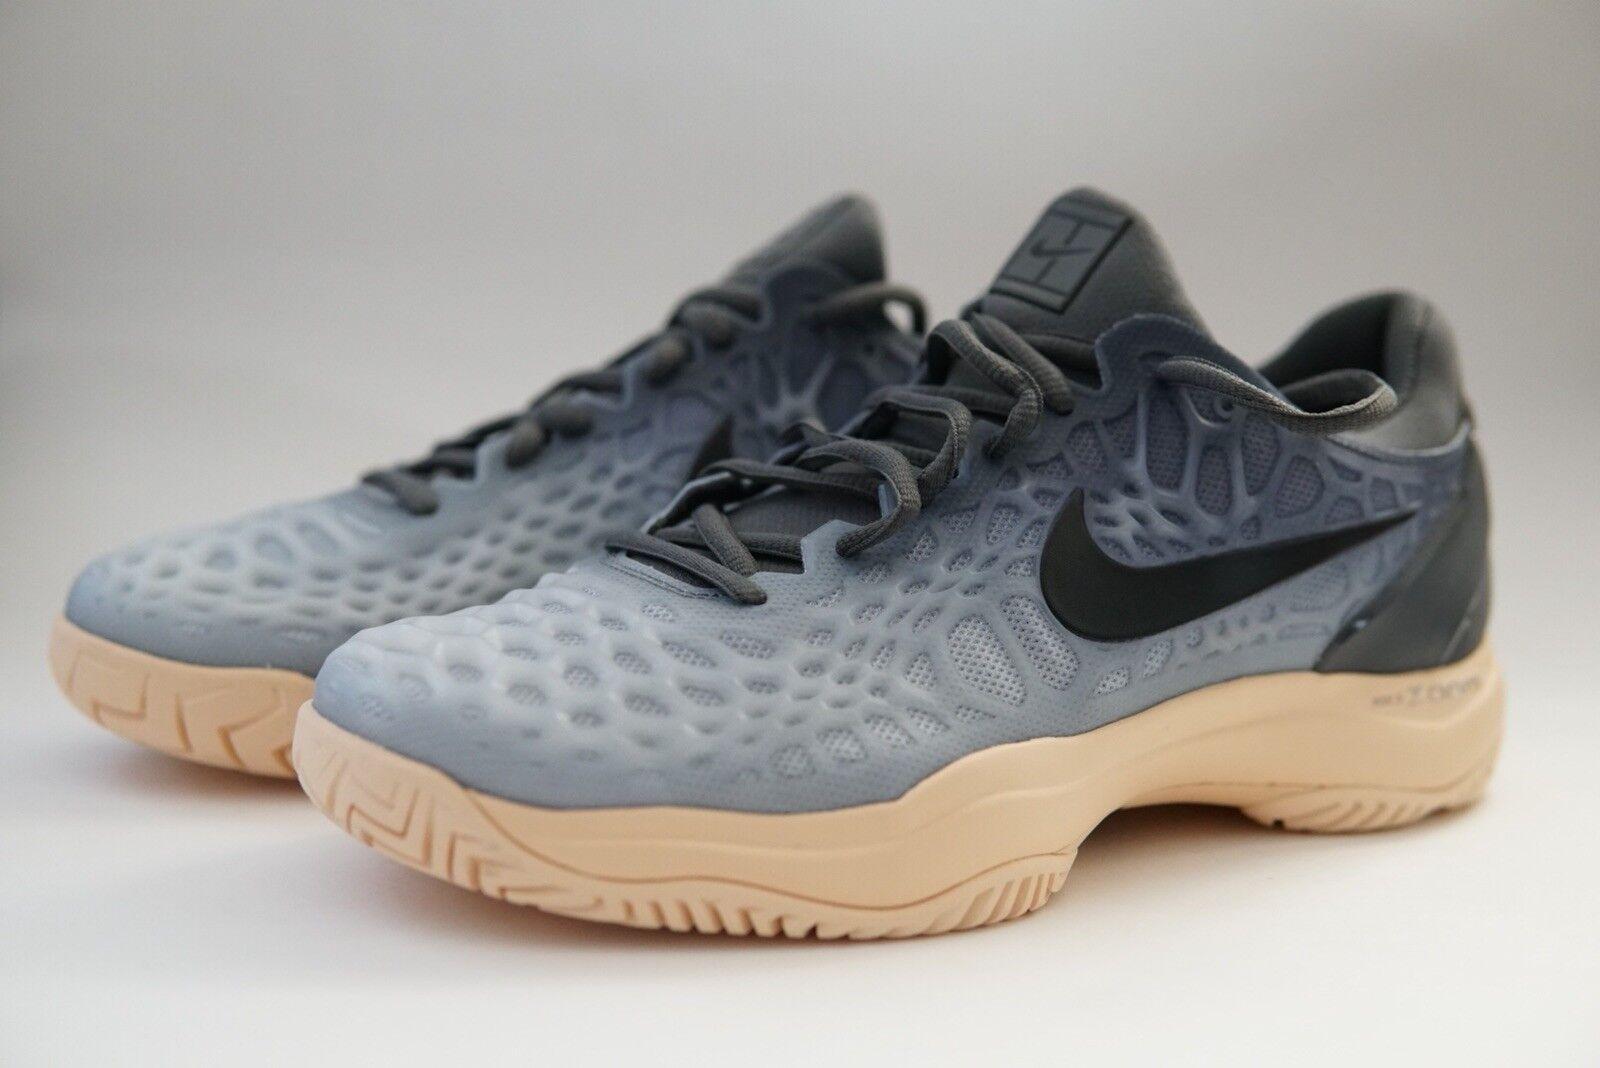 Nike air zoom gabbia 3 hc scarpe da tennis grey 918199-001 le dimensioni